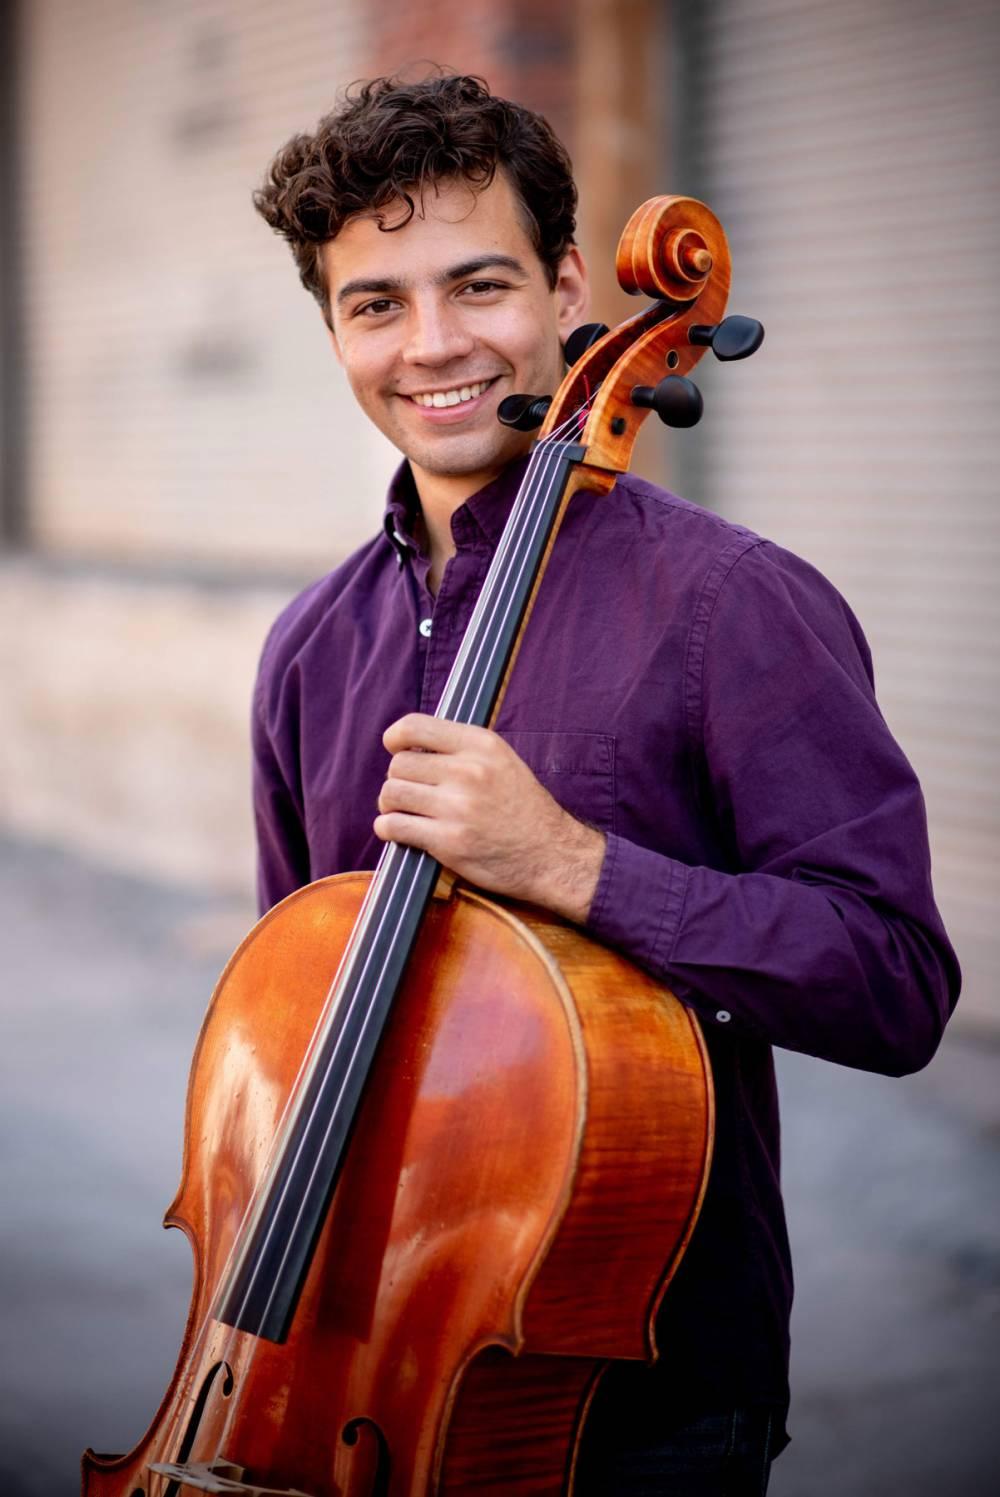 Los Angeles Orchestra Fellowship Juan Salvador-Carrasco